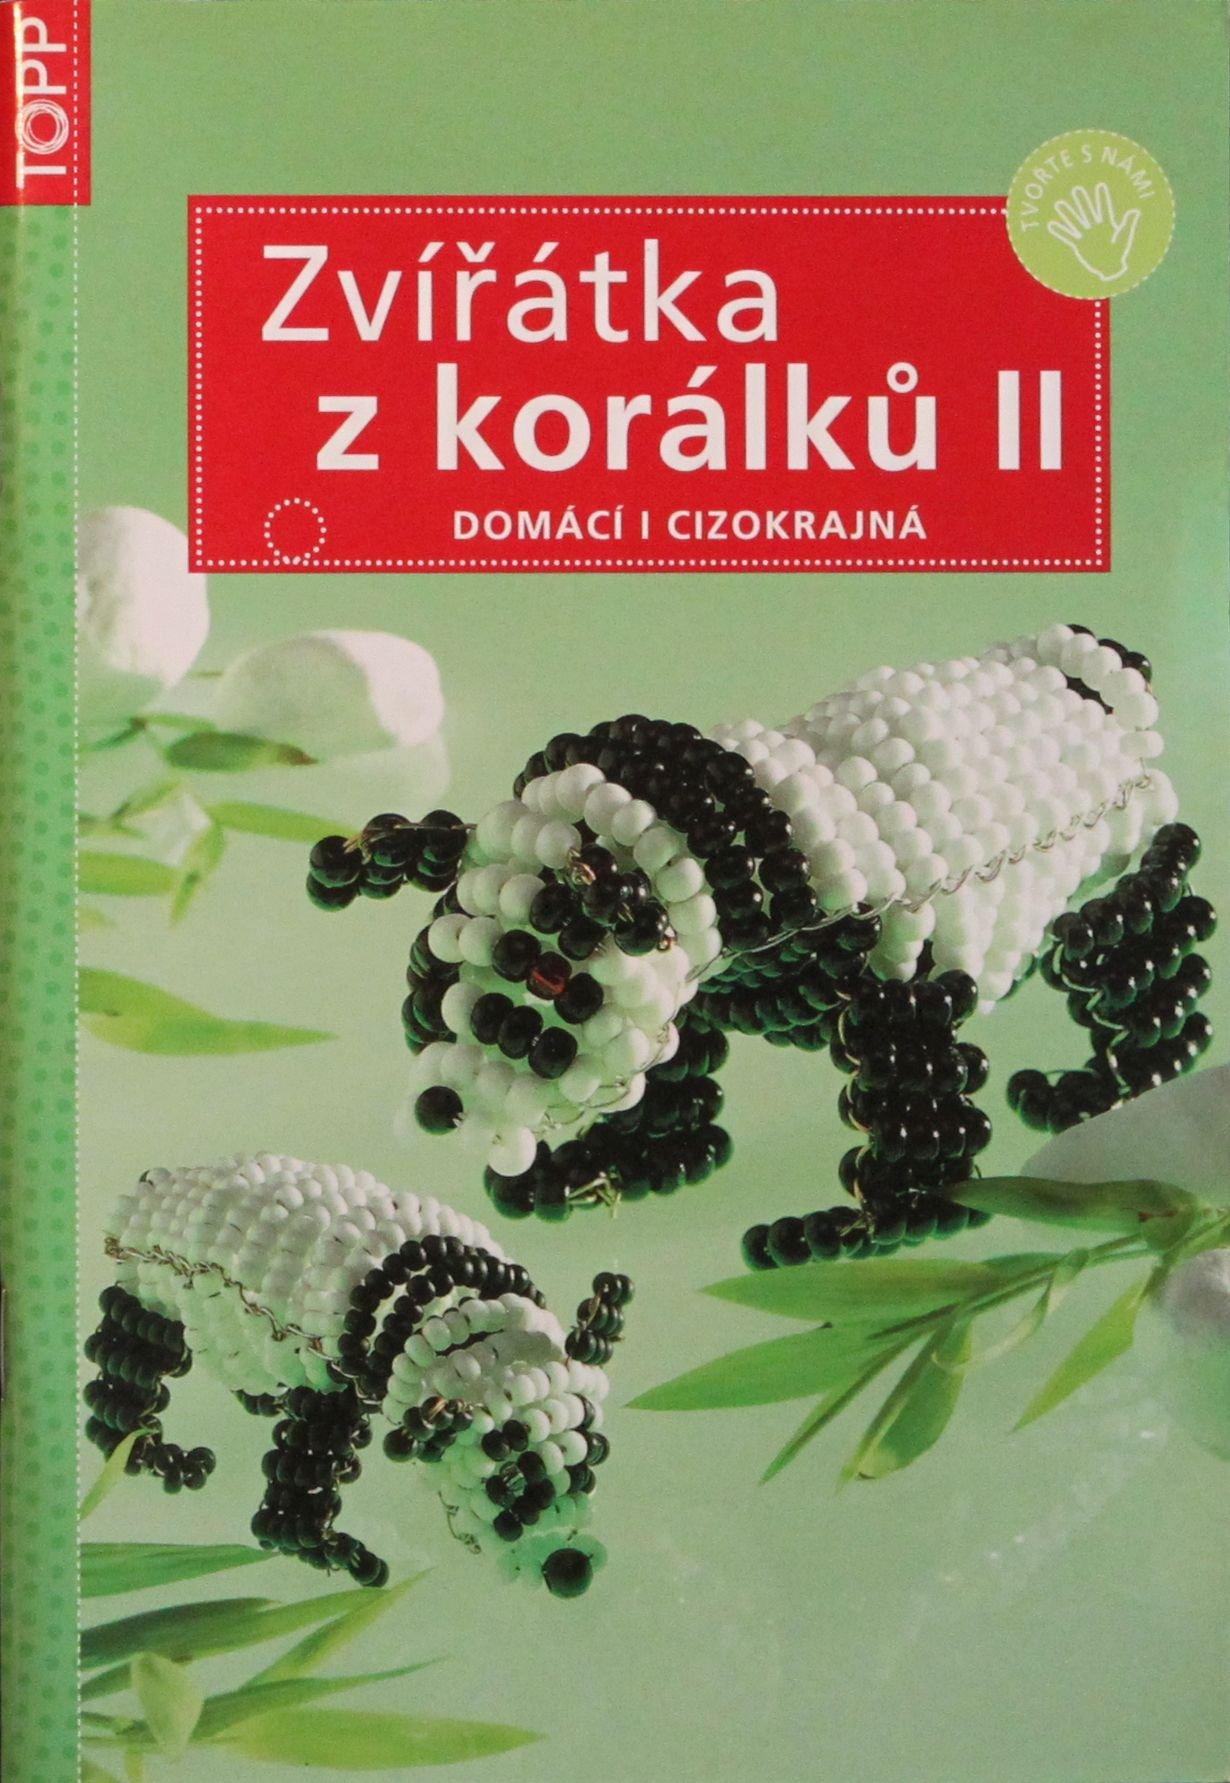 Zvířátka z korálků II TOPP